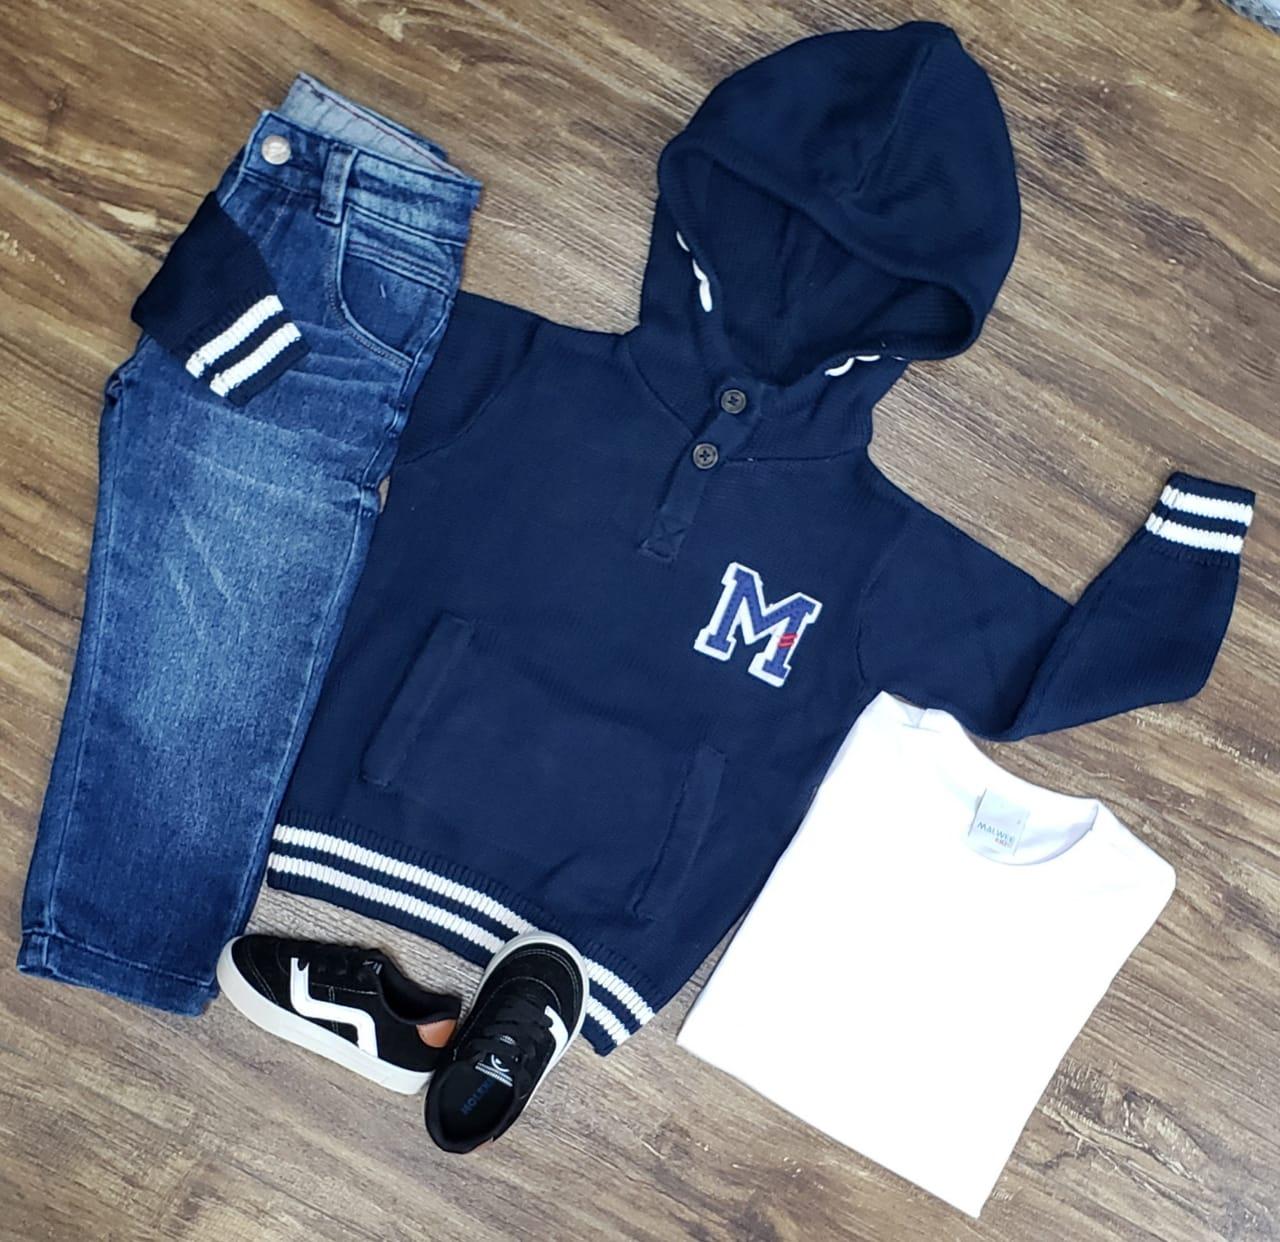 Calça Jeans com Camiseta e Blusa Azul Marinho